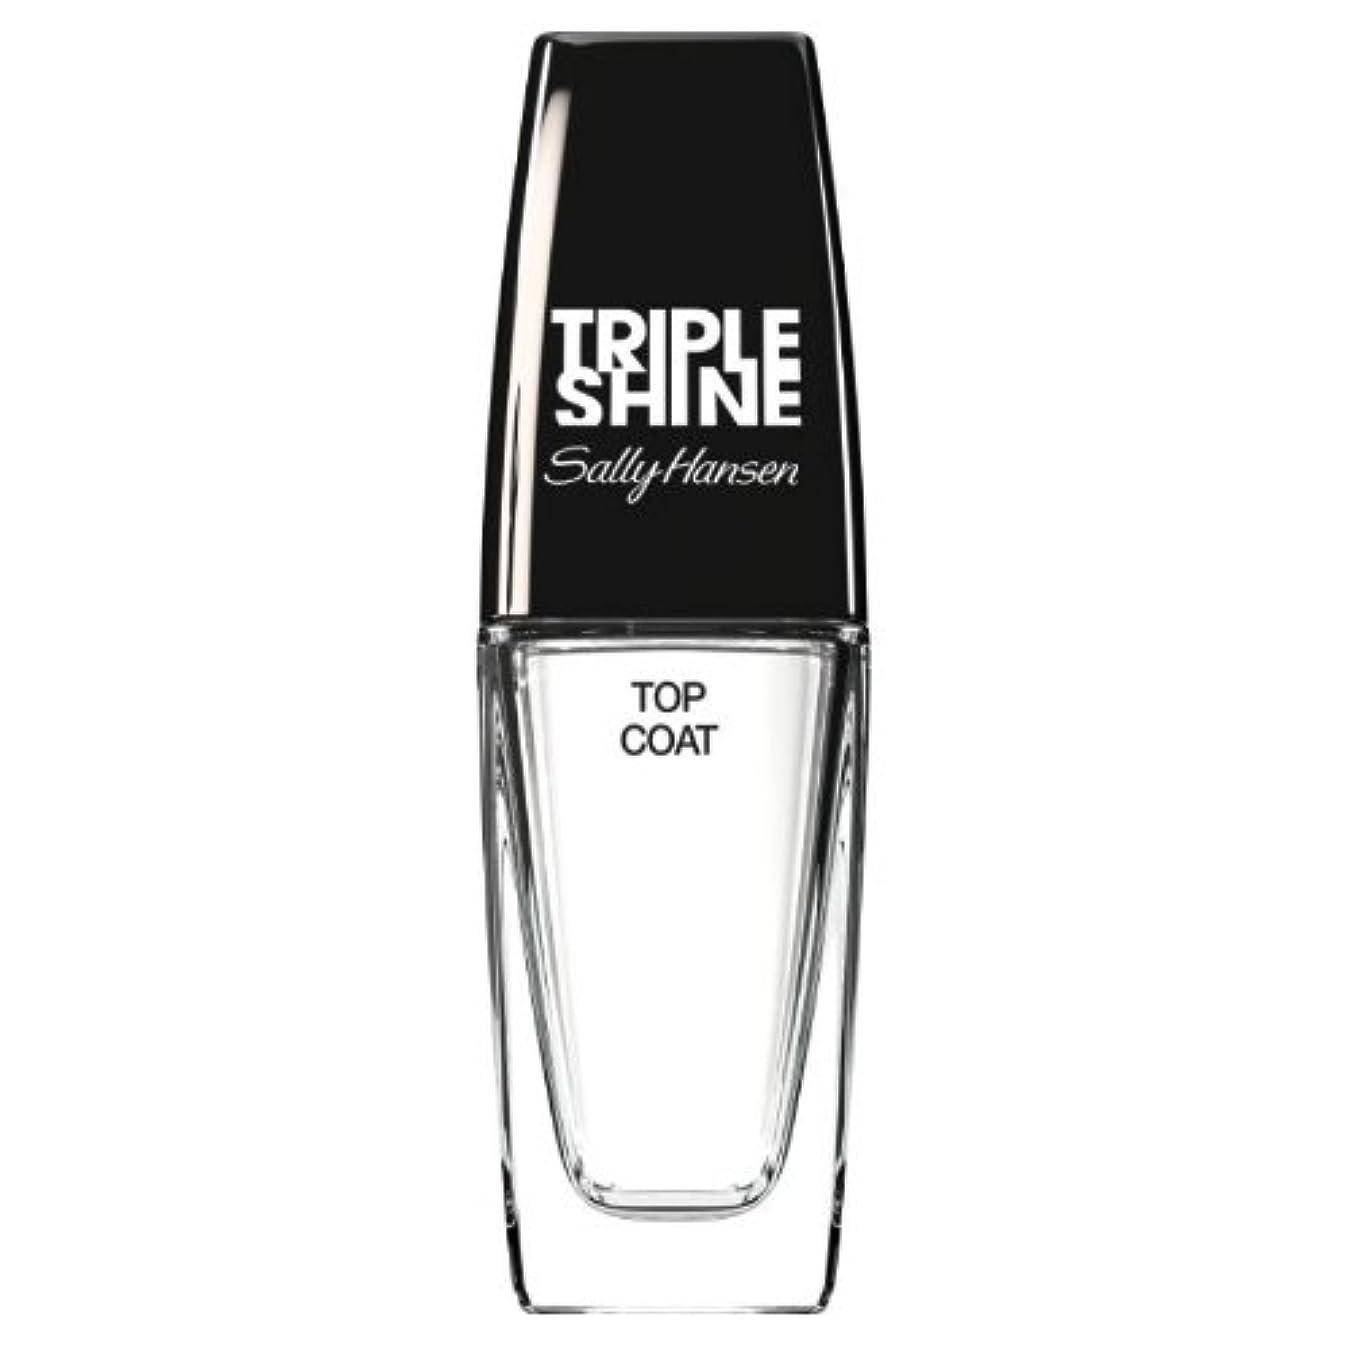 厳しい側溝論争(3 Pack) SALLY HANSEN Triple Shine Top Coat - Triple Shine Top Coat (並行輸入品)